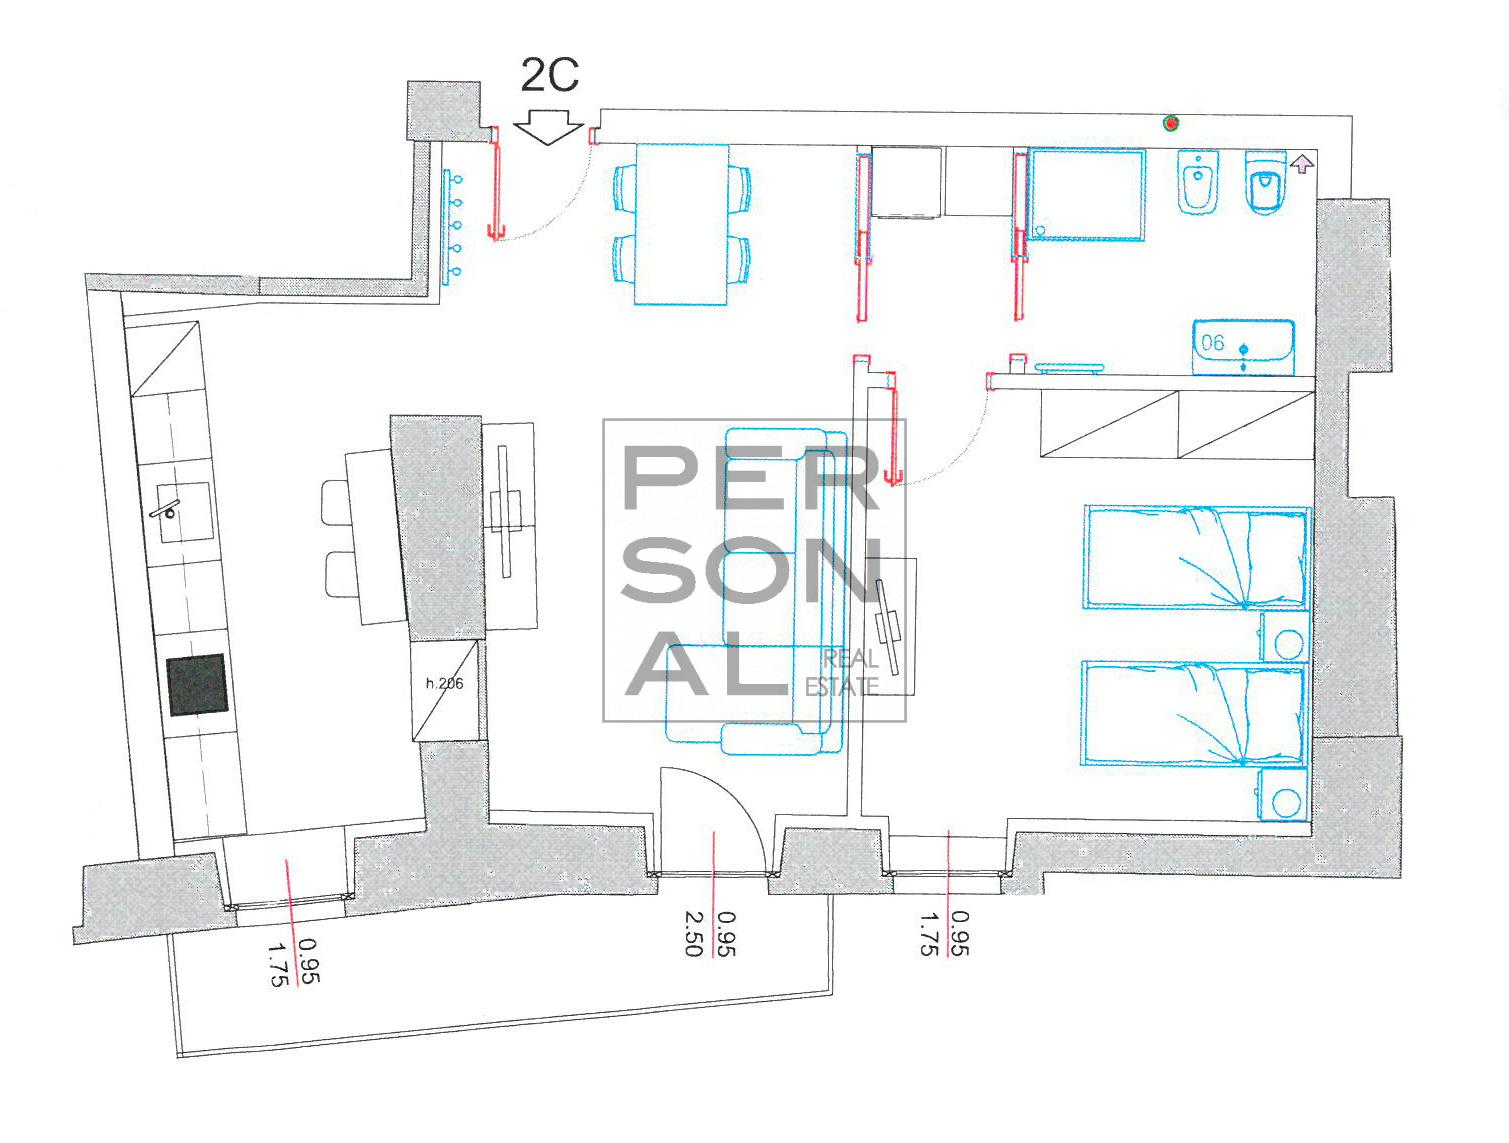 Appartamento in Affitto a Trento - Cod. XP-AFF-2C